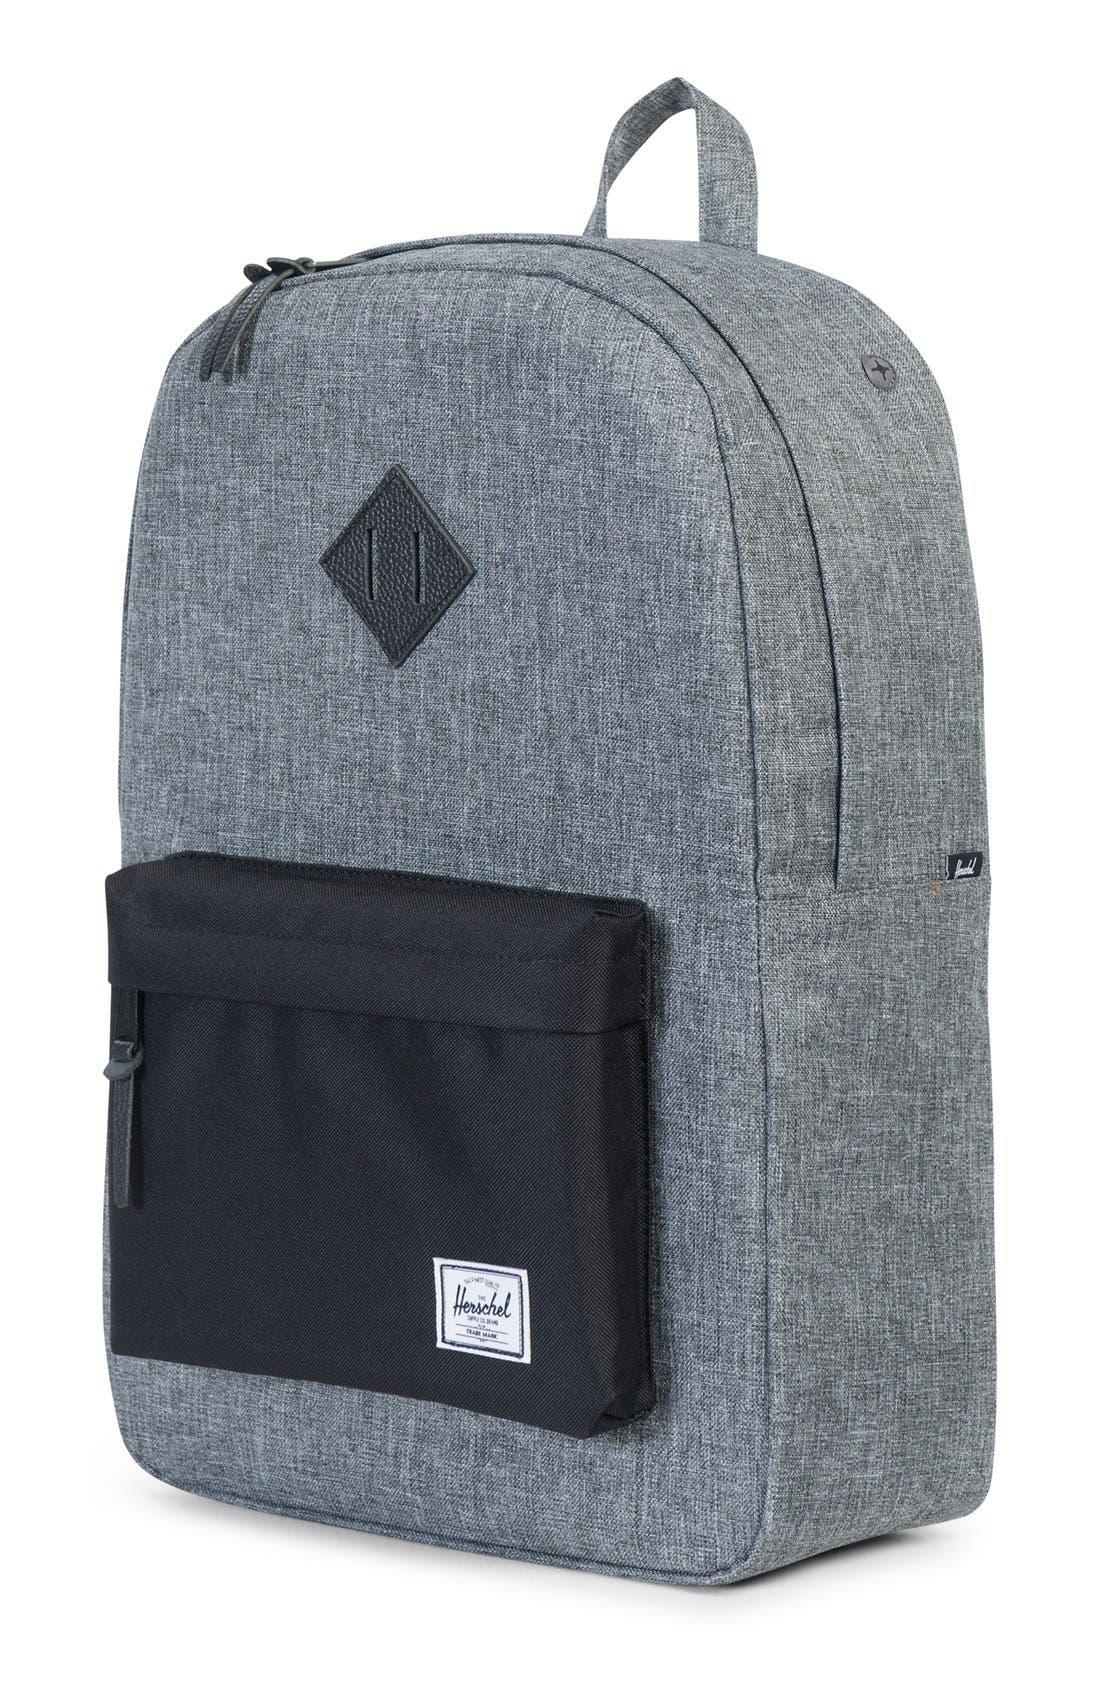 Heritage Backpack,                             Alternate thumbnail 10, color,                             RAVEN CROSSHATCH/ BLACK